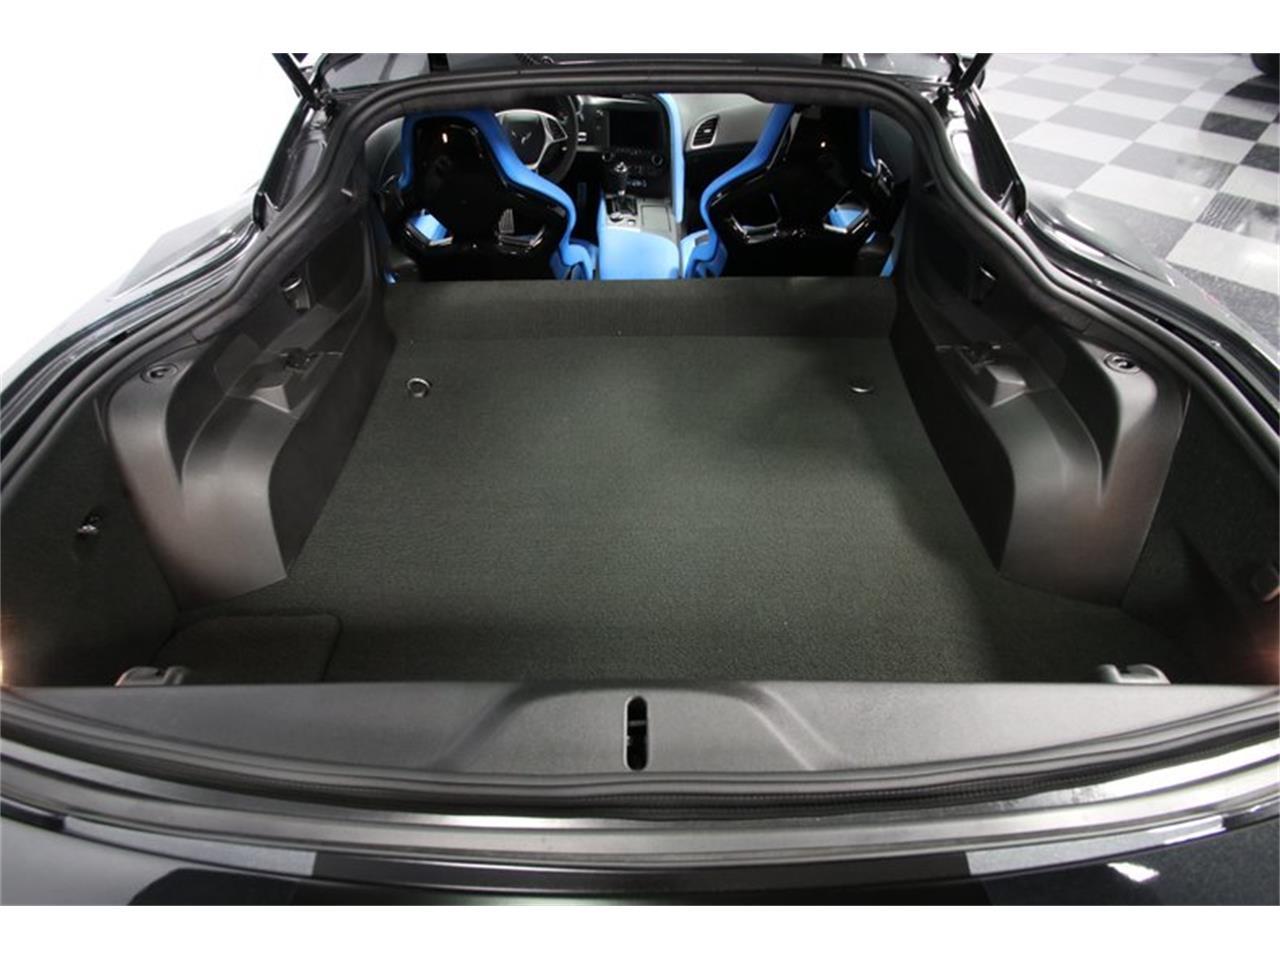 2017 Chevrolet Corvette (CC-1241574) for sale in Concord, North Carolina